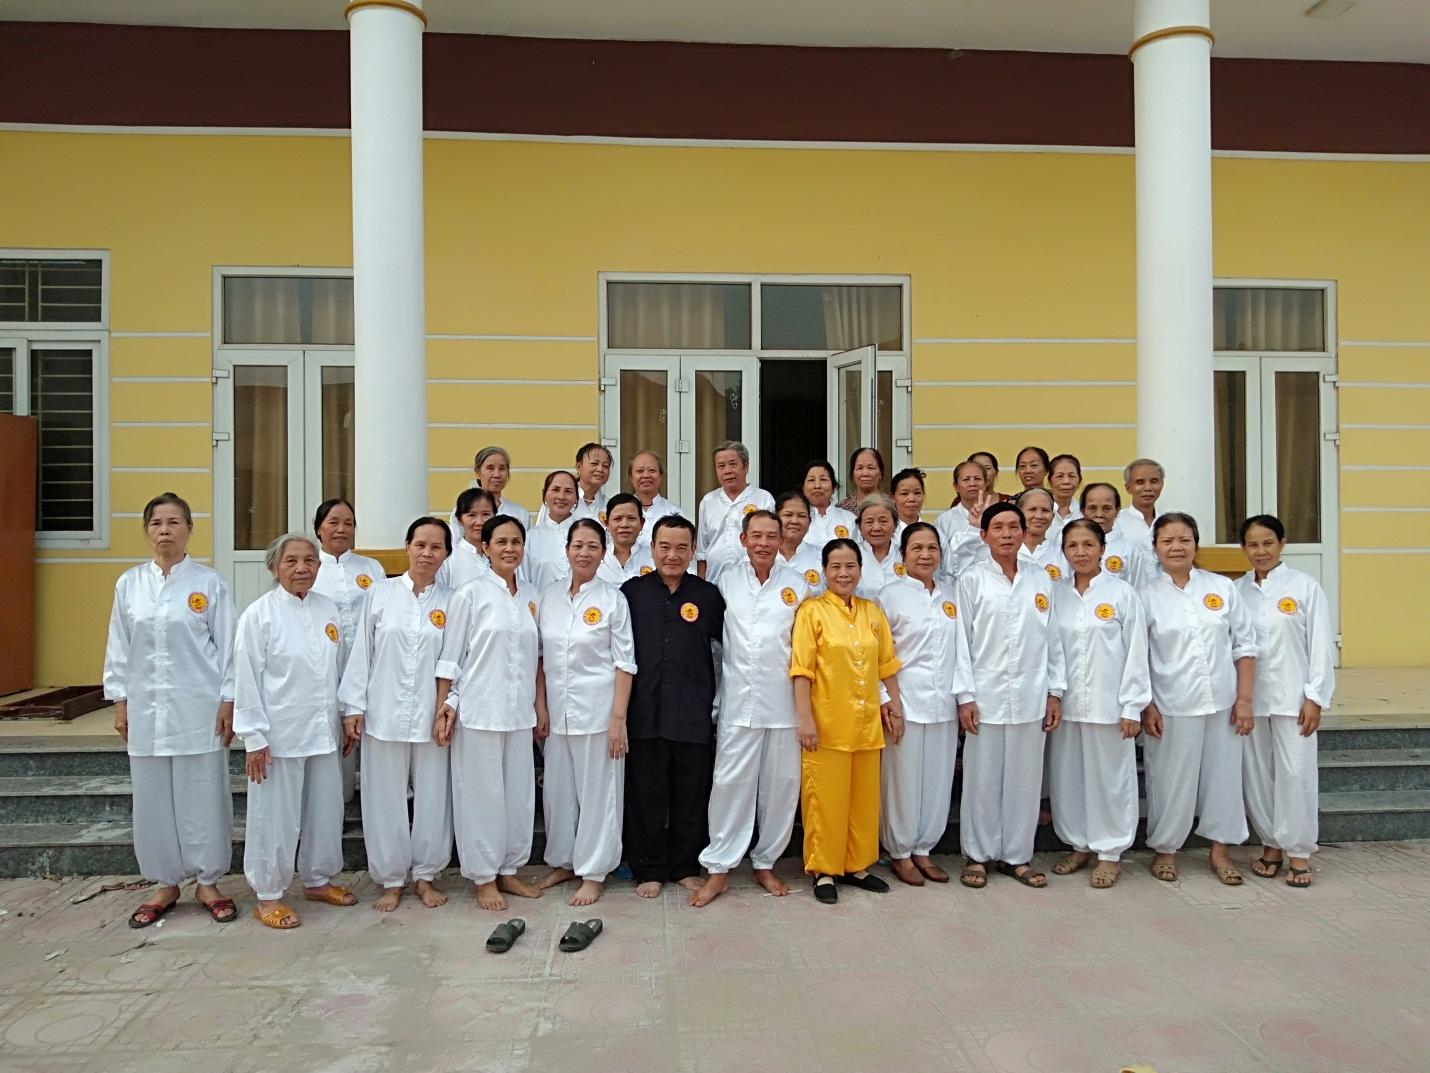 KHÍ CÔNG - CHÌA KHÓA CỦA SỨC MẠNH TRƯỜNG TỒN Môn pháp: Kungfu Dịch Cốt Trụ